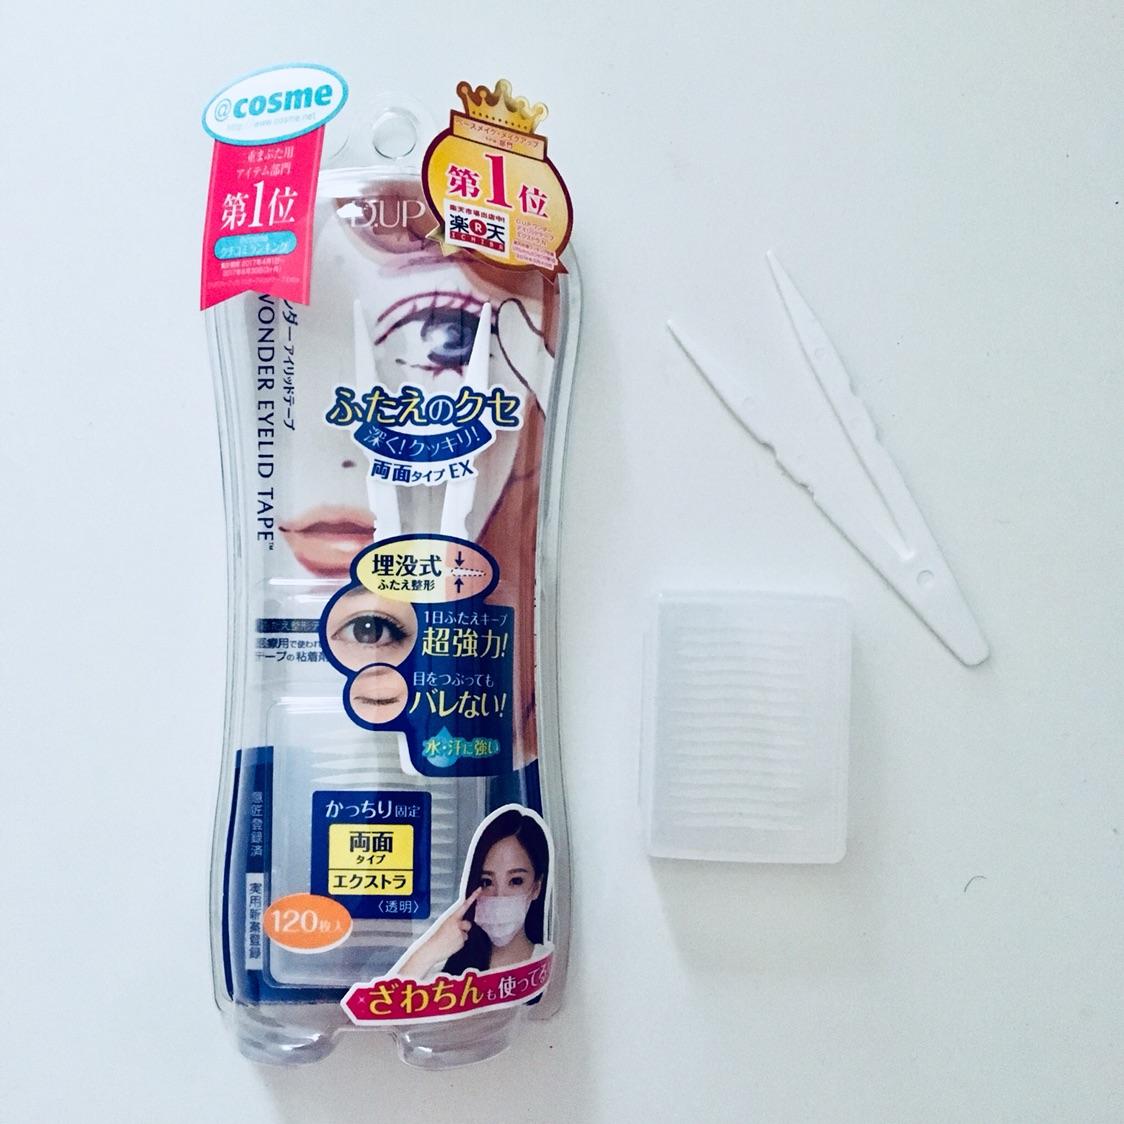 来一波amazon上可以买到的日本化妆护肤好物